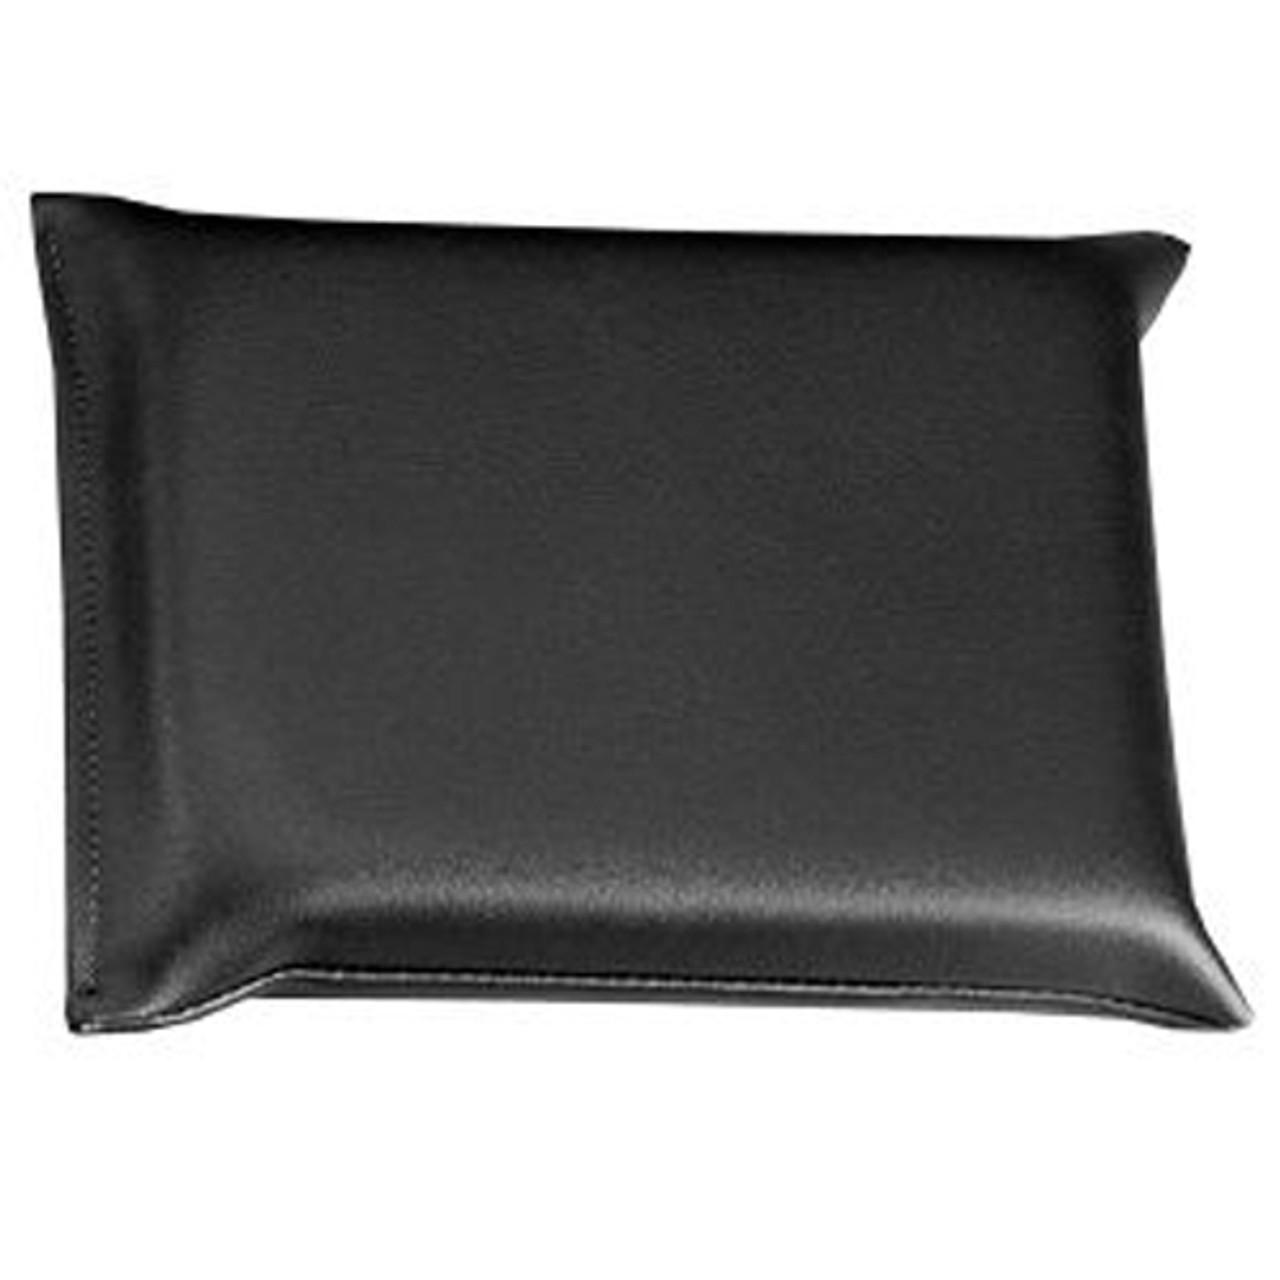 Head Support Pillow, Standard